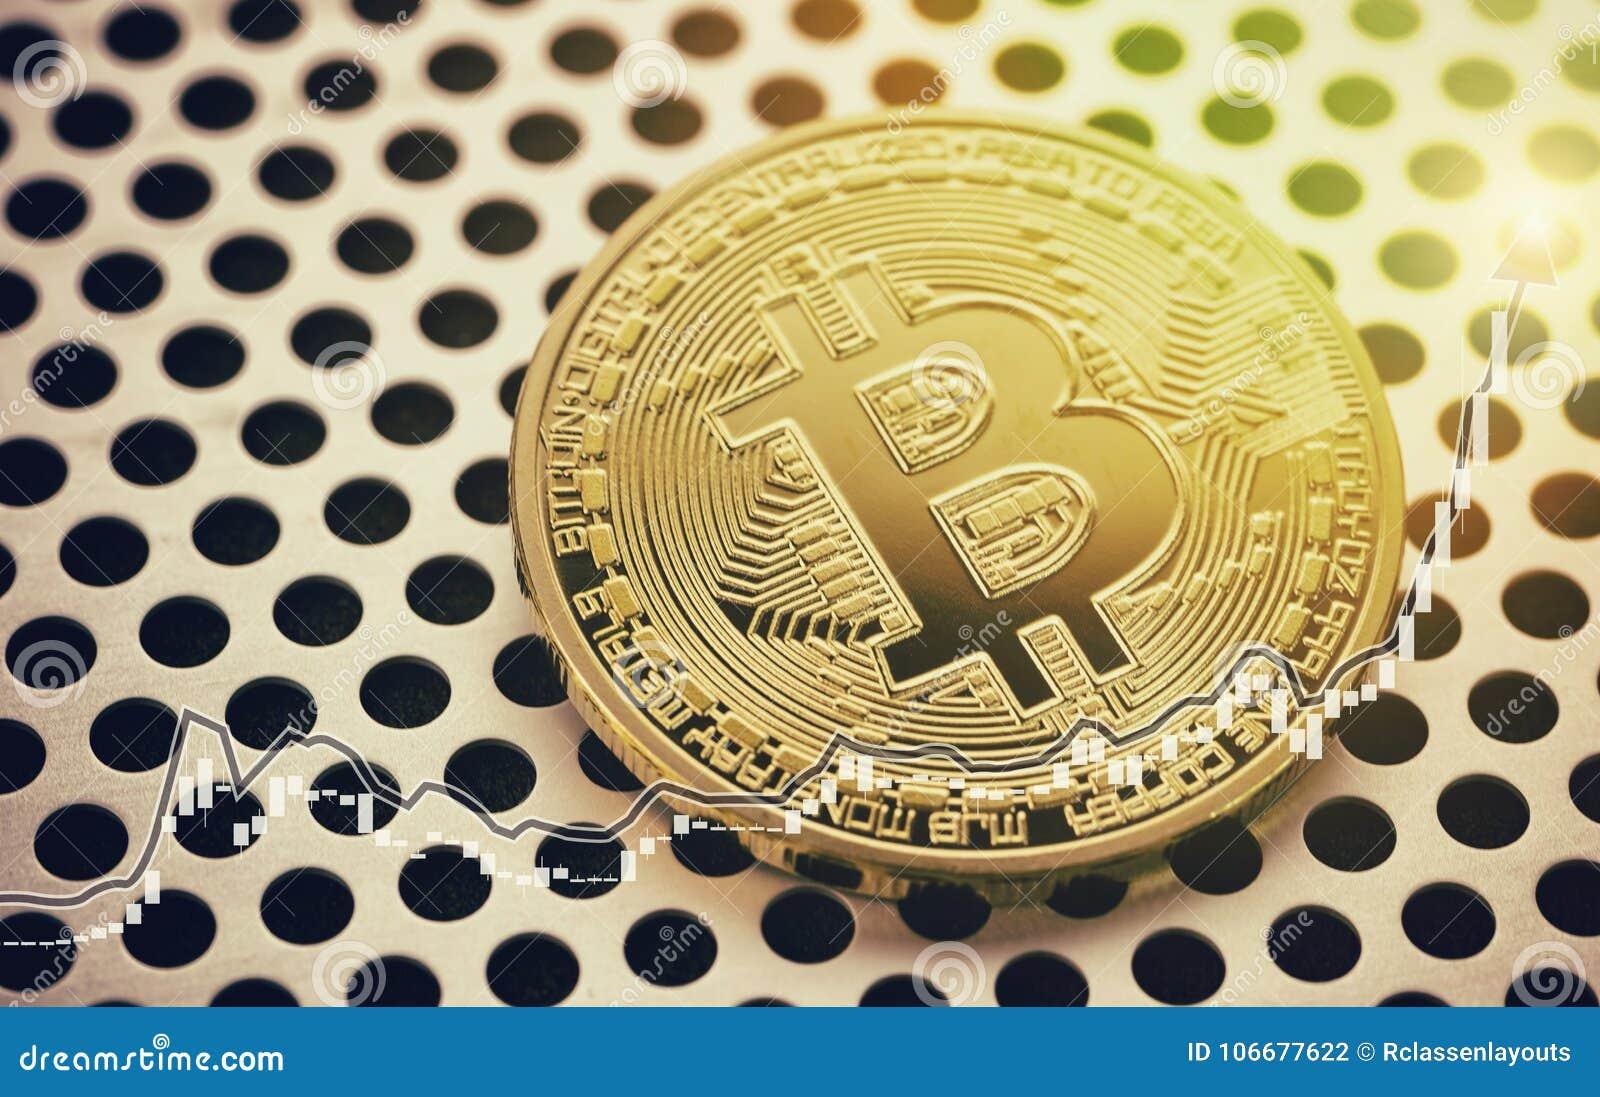 Pièce de monnaie d or de Bitcoin Graphique de marché boursier Image marchande de concept